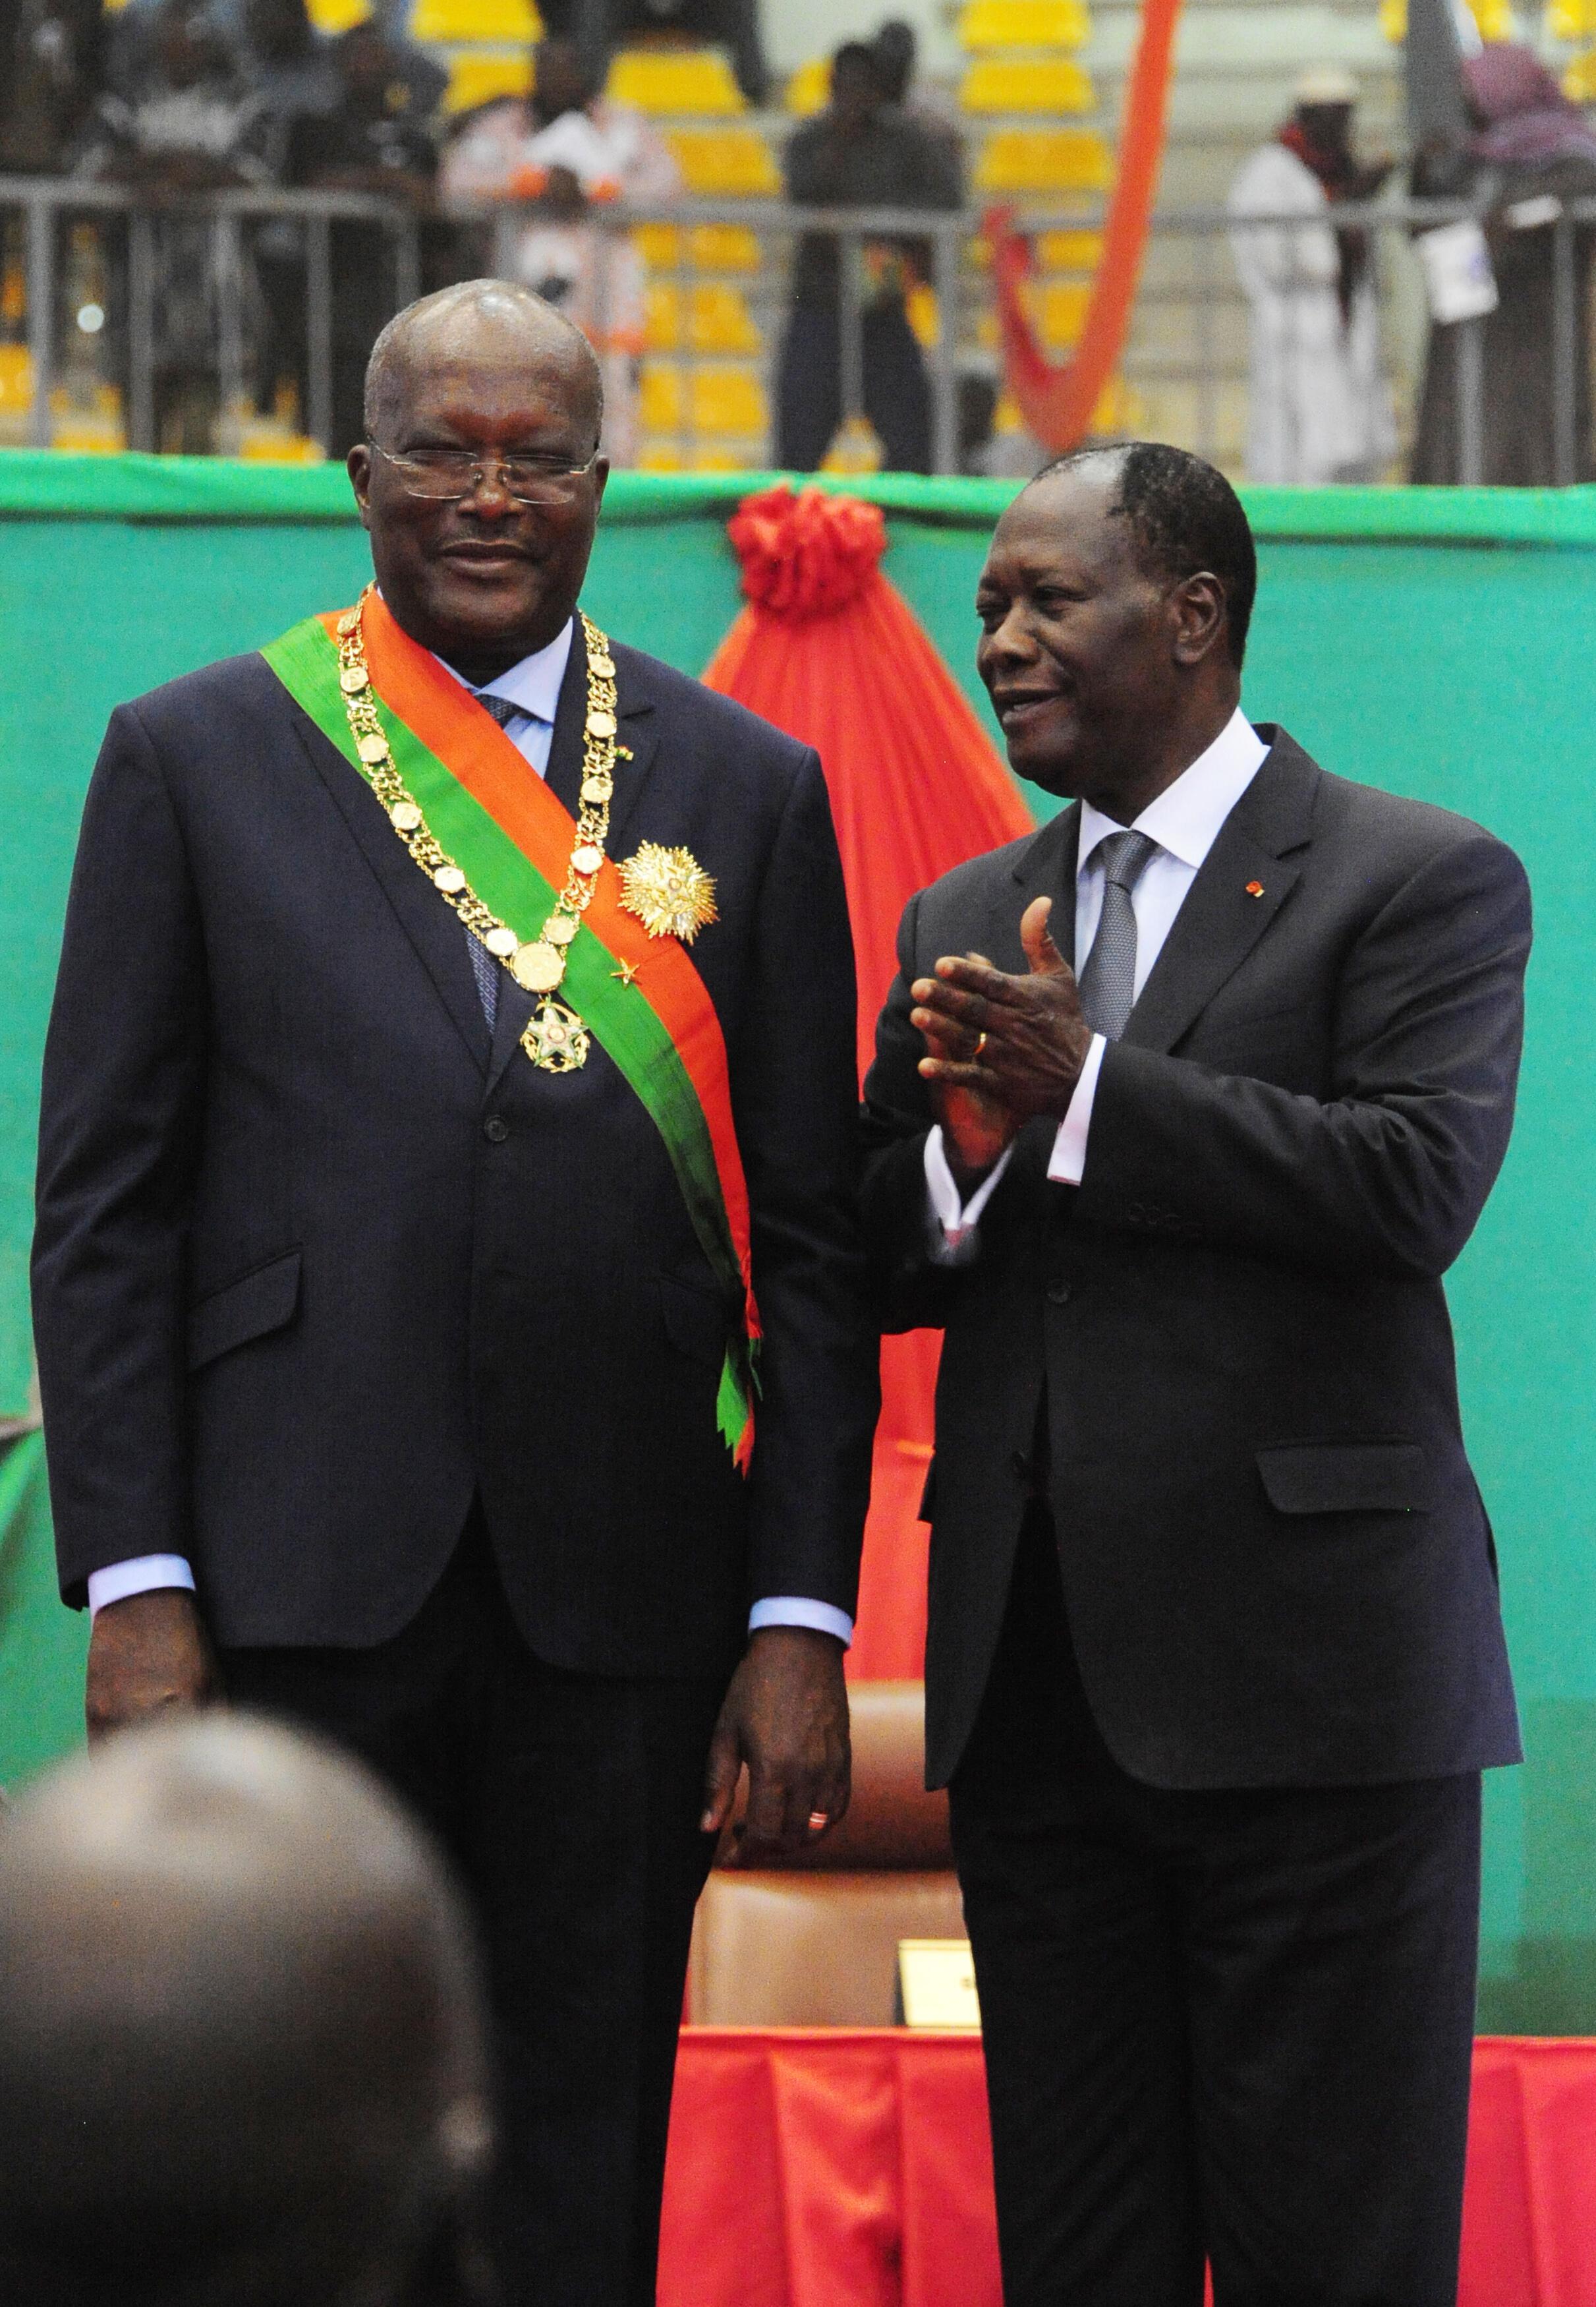 Le nouveau président du Burkina Faso, Roch Marc Christian Kaboré (G) et son homologue ivoirien, Alassane Ouattara, lors de la cérémonie d'investiture à Ouagadougou, le 29 décembre 2015.